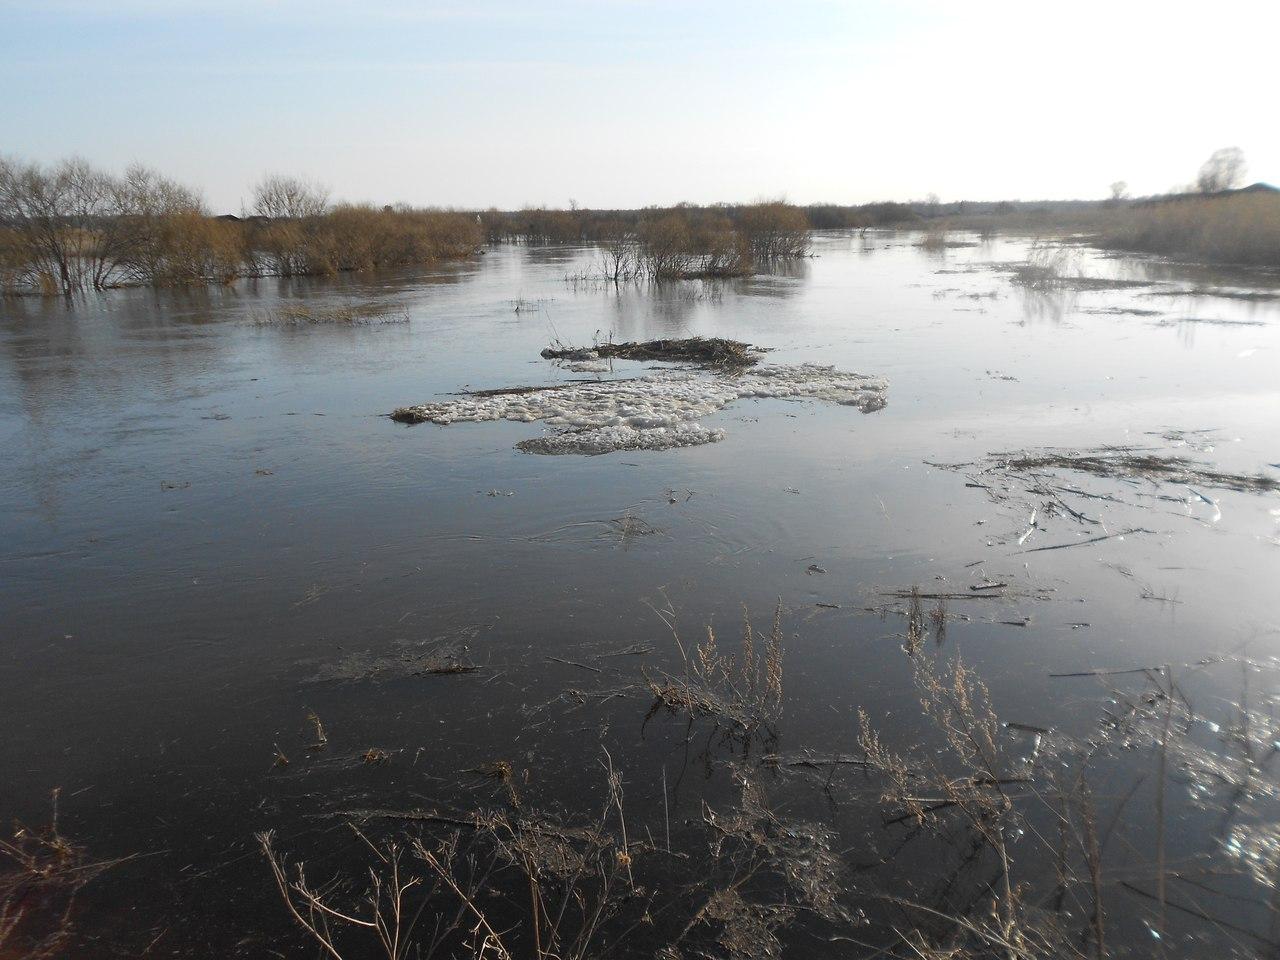 Режим ЧС из-за паводка сохраняется в шести муниципалитетах 2